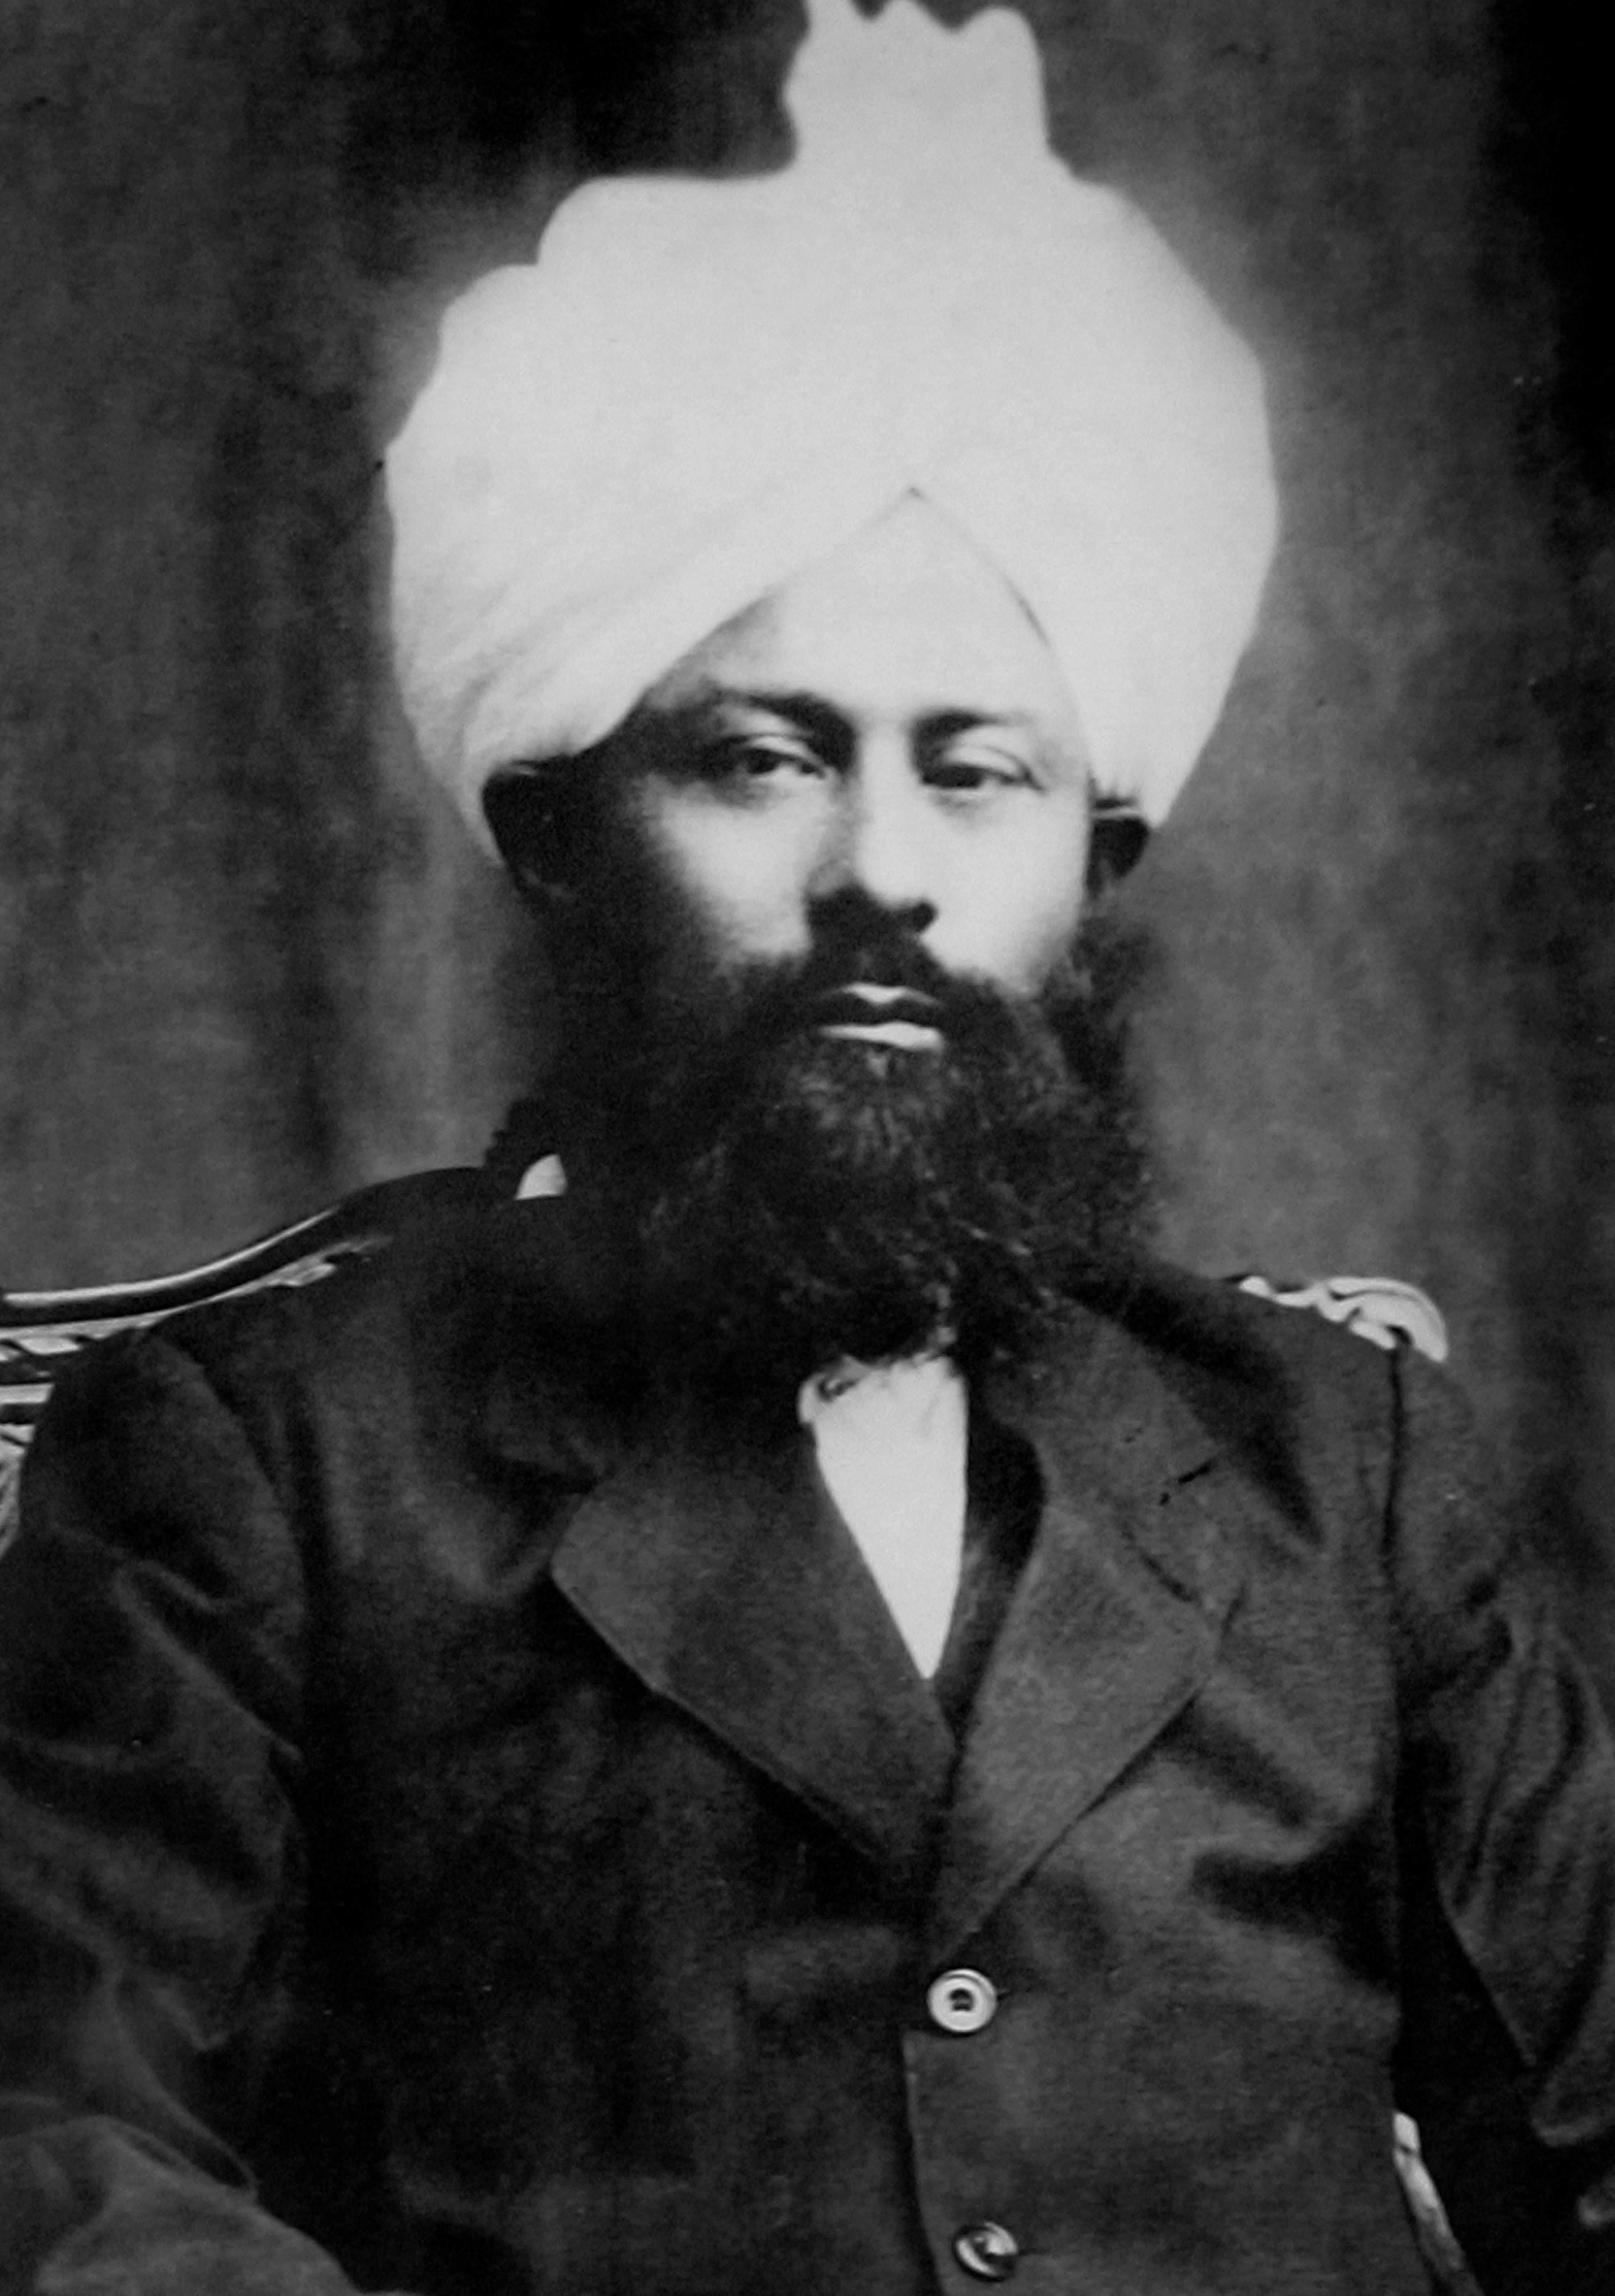 Hazreti Mirza Bašir-ud-Din Mahmud Ahmad